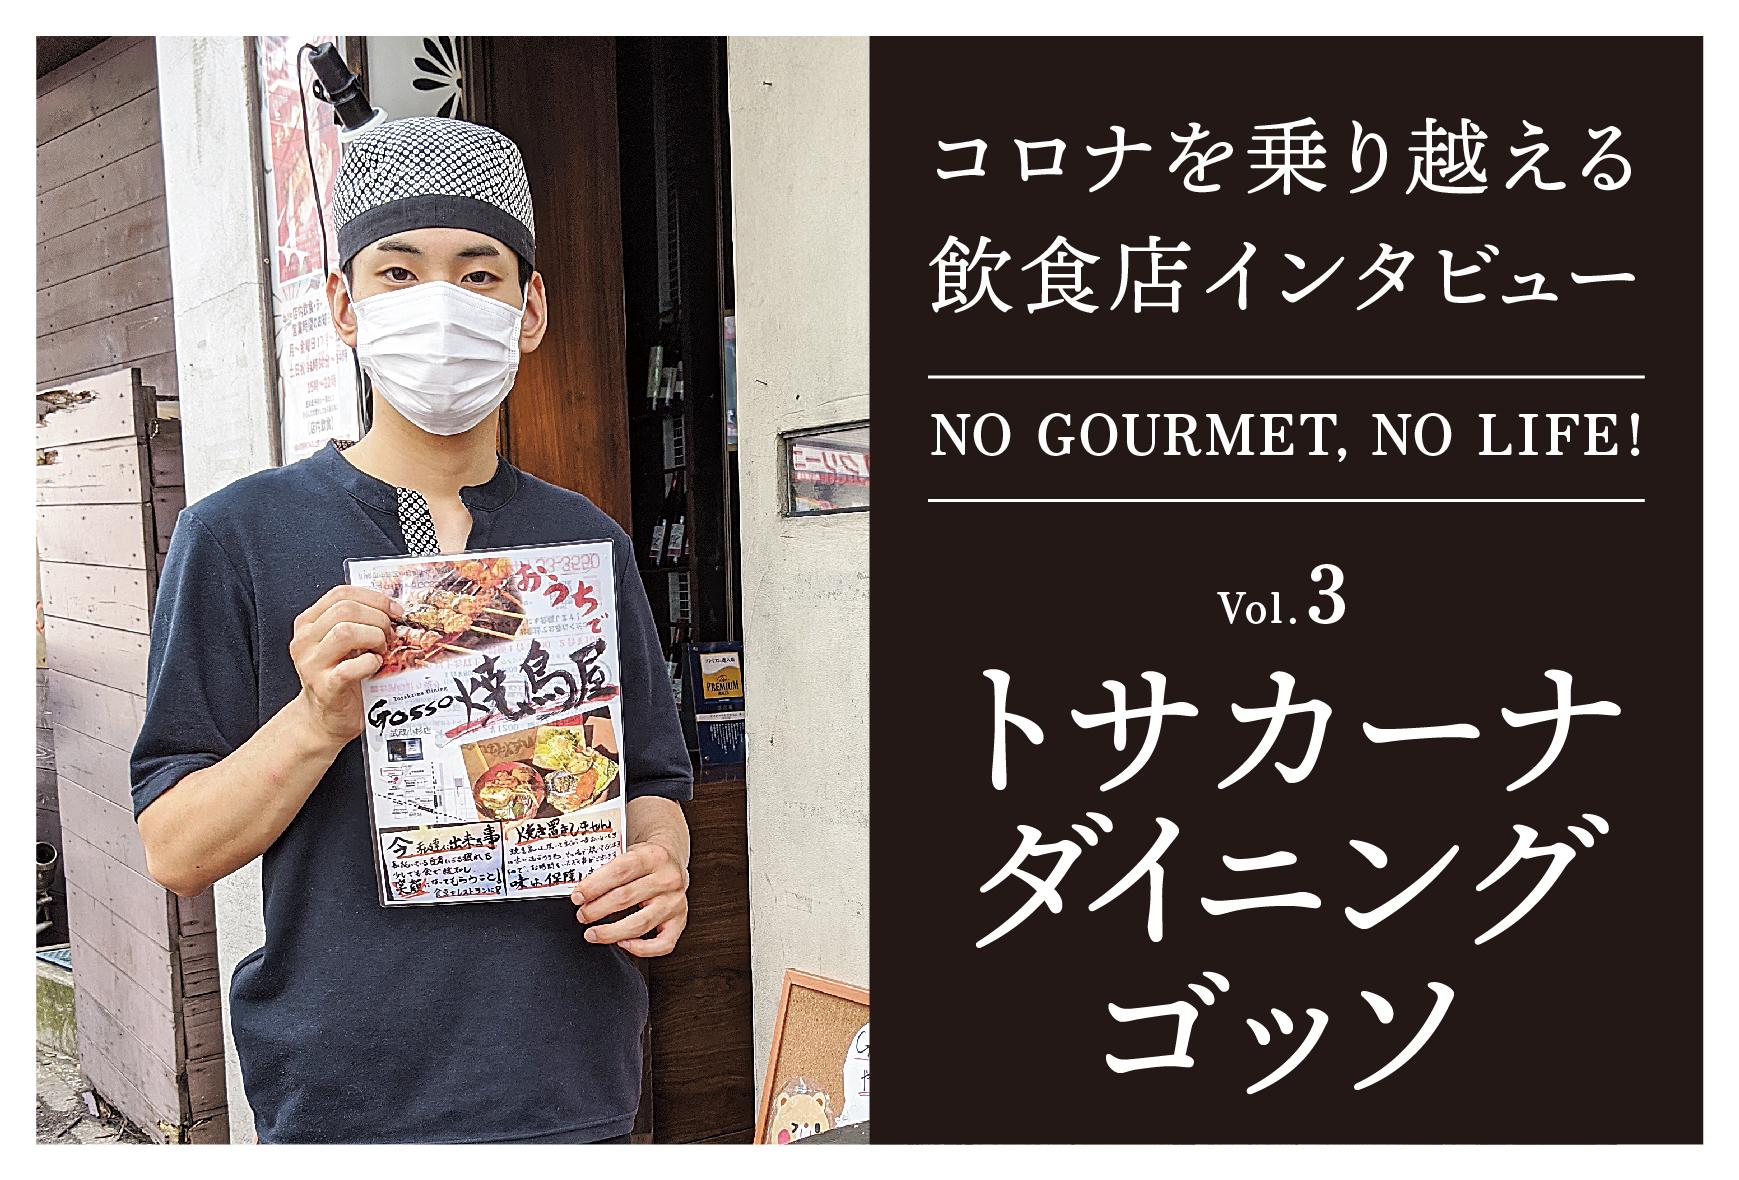 コロナを乗り越える飲食店インタビュー Vol.3(トサカーナ ダイニング ゴッソ武蔵小杉店)